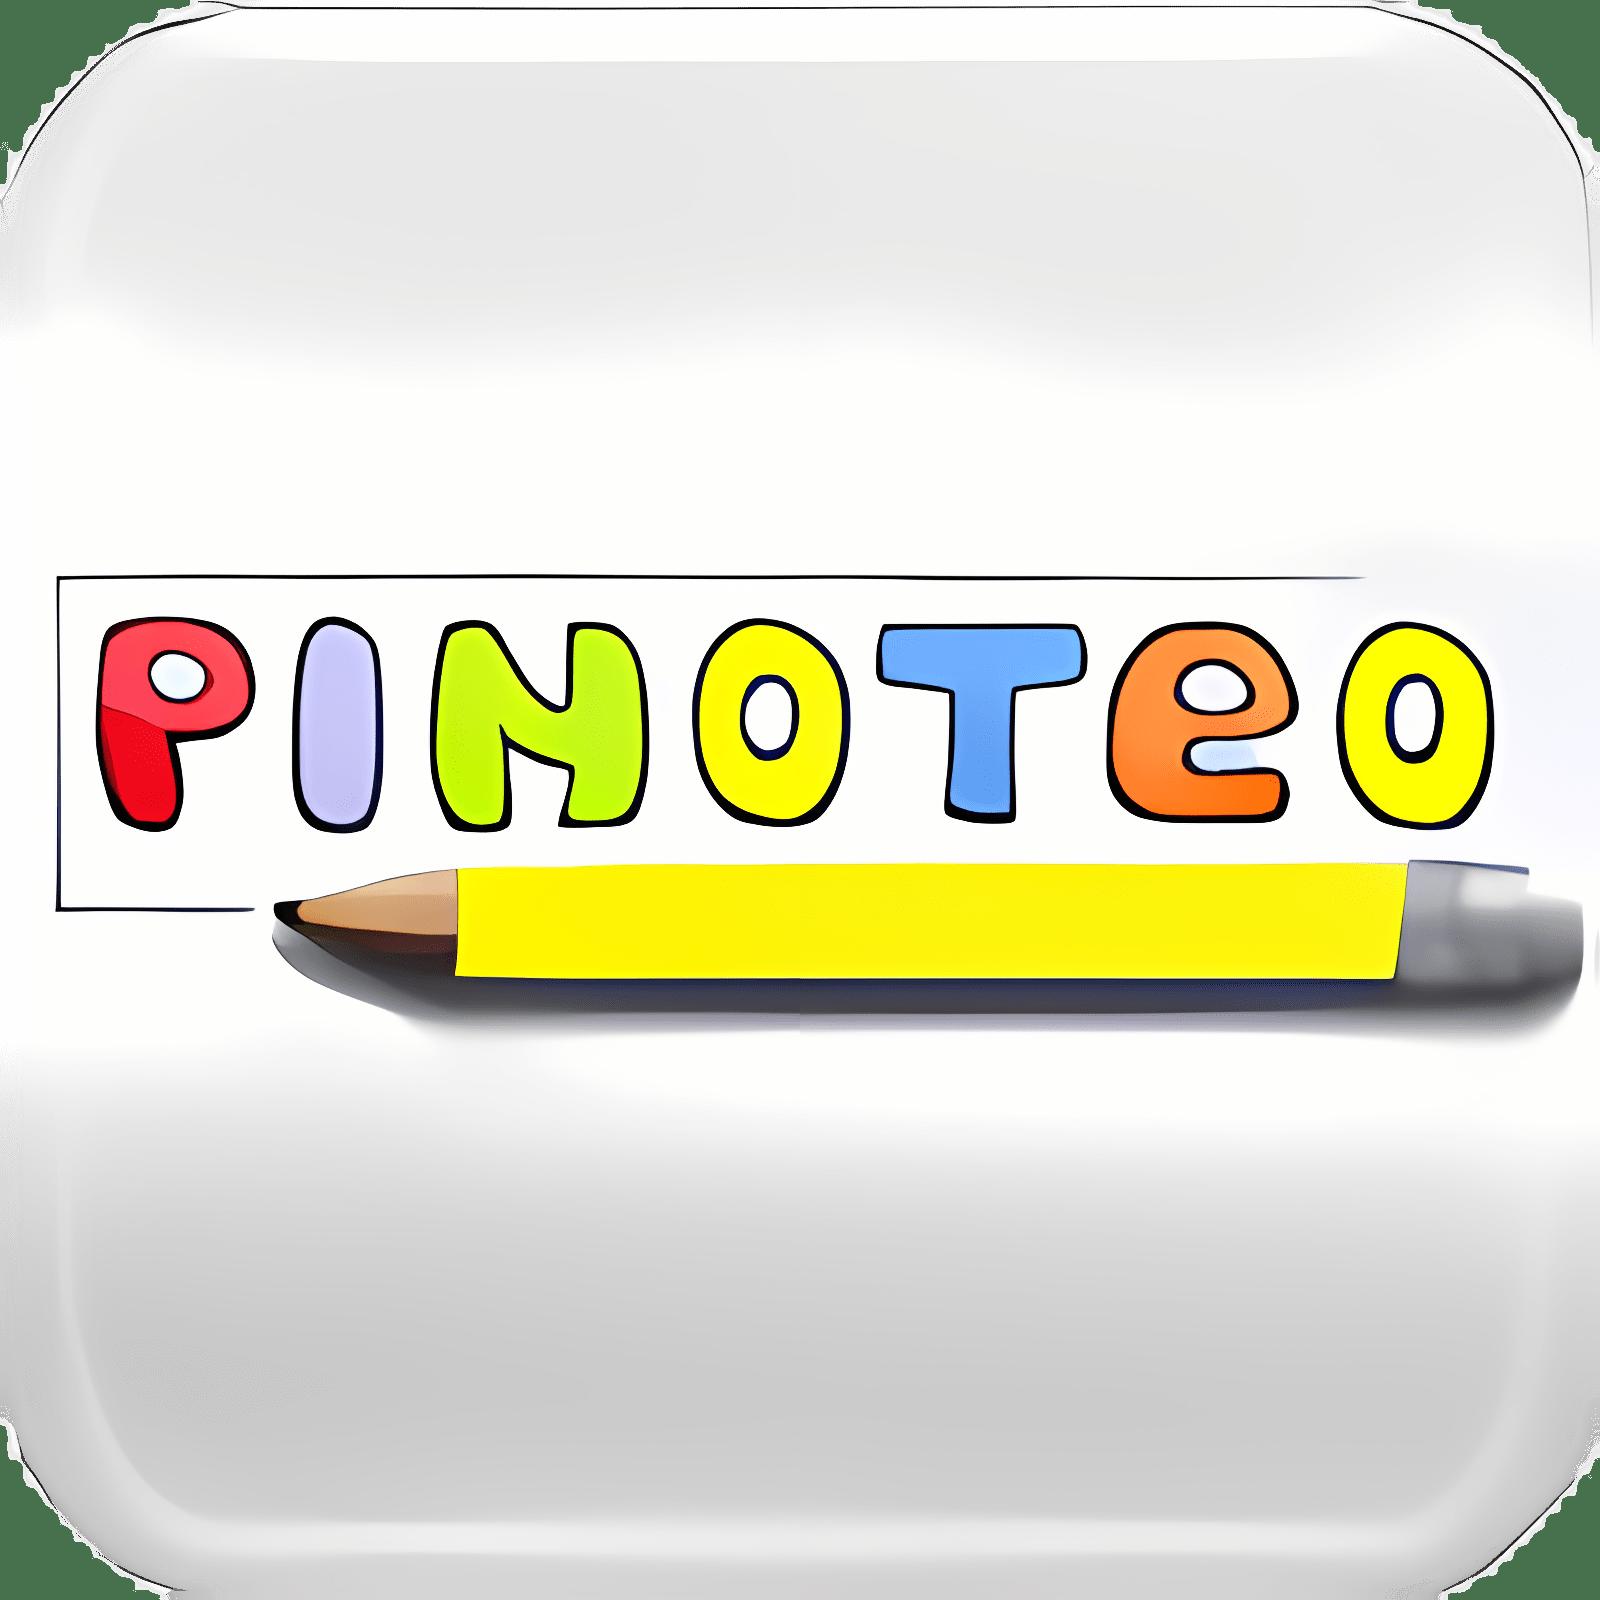 Pinoteo